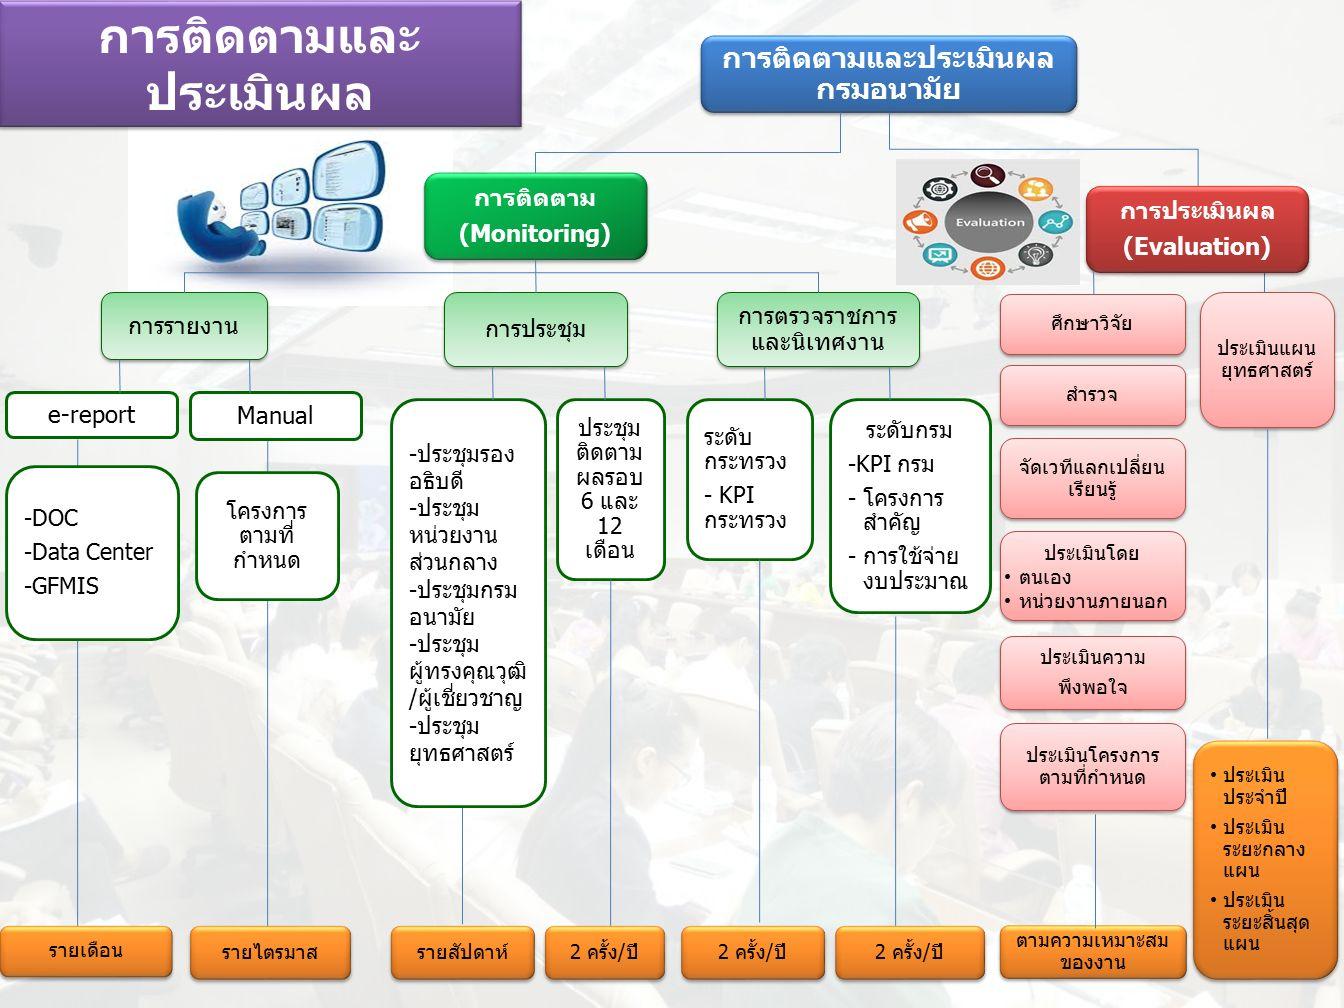 การติดตามและประเมินผล กรมอนามัย การติดตาม (Monitoring) การติดตาม (Monitoring) การประเมินผล (Evaluation) การประเมินผล (Evaluation) การรายงาน การประชุม การตรวจราชการ และนิเทศงาน e-report -DOC -Data Center -GFMIS Manual โครงการ ตามที่ กำหนด ระดับ กระทรวง - KPI กระทรวง ระดับกรม -KPI กรม -โครงการ สำคัญ -การใช้จ่าย งบประมาณ รายเดือน รายไตรมาส รายสัปดาห์ 2 ครั้ง/ปี ประชุม ติดตาม ผลรอบ 6 และ 12 เดือน -ประชุมรอง อธิบดี -ประชุม หน่วยงาน ส่วนกลาง -ประชุมกรม อนามัย -ประชุม ผู้ทรงคุณวุฒิ /ผู้เชี่ยวชาญ -ประชุม ยุทธศาสตร์ 2 ครั้ง/ปี ประเมิน ประจำปี ประเมิน ระยะกลาง แผน ประเมิน ระยะสิ้นสุด แผน ประเมิน ประจำปี ประเมิน ระยะกลาง แผน ประเมิน ระยะสิ้นสุด แผน ศึกษาวิจัย สำรวจ จัดเวทีแลกเปลี่ยน เรียนรู้ ประเมินความ พึงพอใจ ประเมินความ พึงพอใจ ประเมินโครงการ ตามที่กำหนด ประเมินโดย ตนเอง หน่วยงานภายนอก ประเมินโดย ตนเอง หน่วยงานภายนอก ตามความเหมาะสม ของงาน ประเมินแผน ยุทธศาสตร์ การติดตามและ ประเมินผล